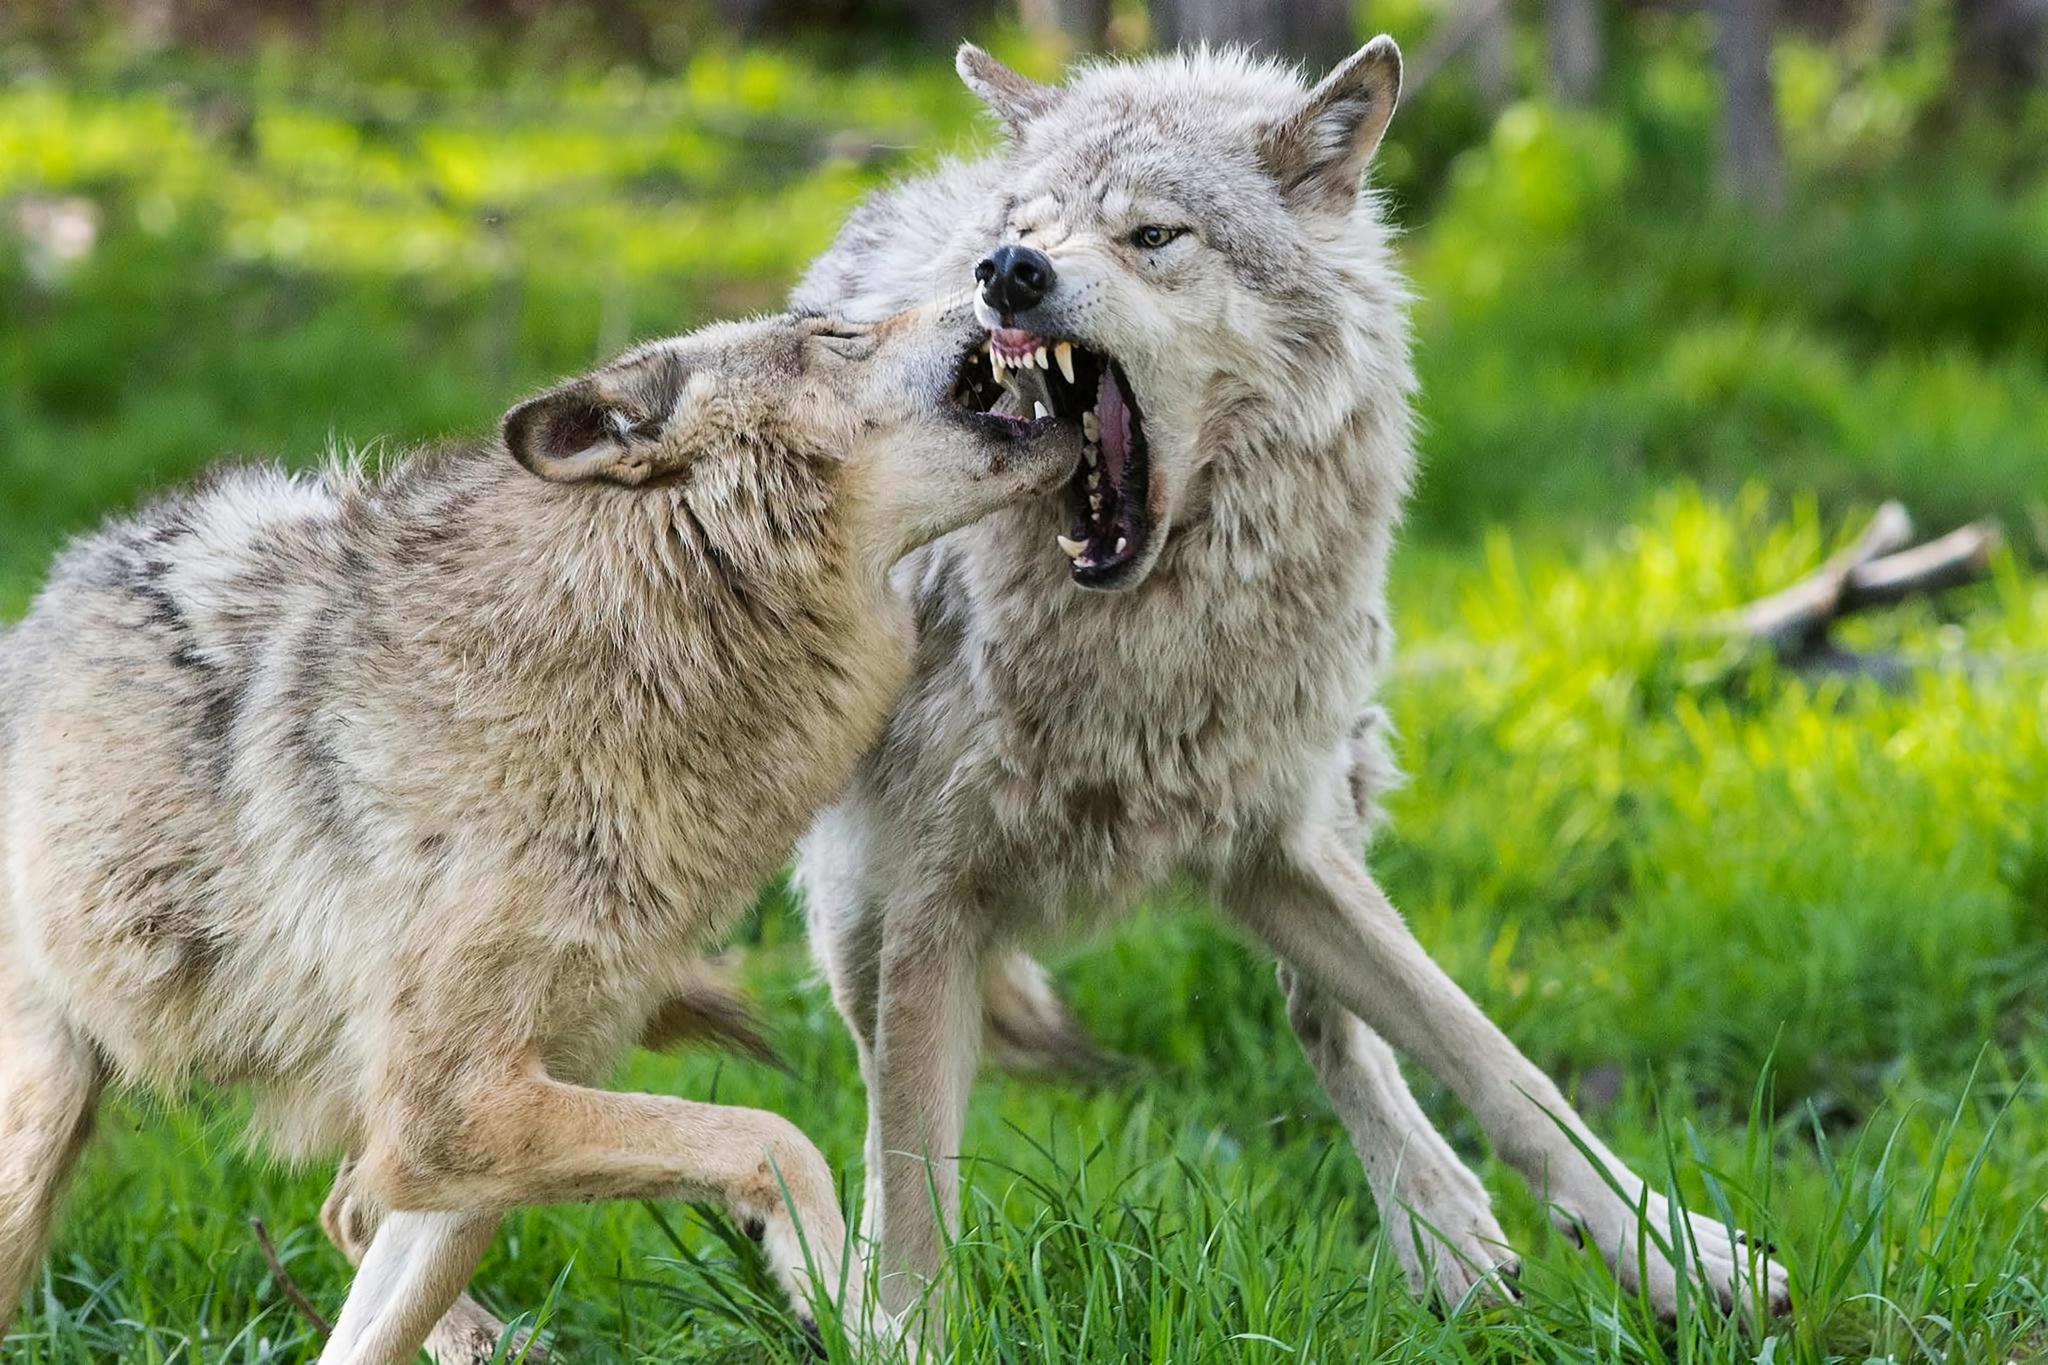 صوره عندما تغضب الحيوانات , اروع صور لحيوان غاضب ومفترسه جدا